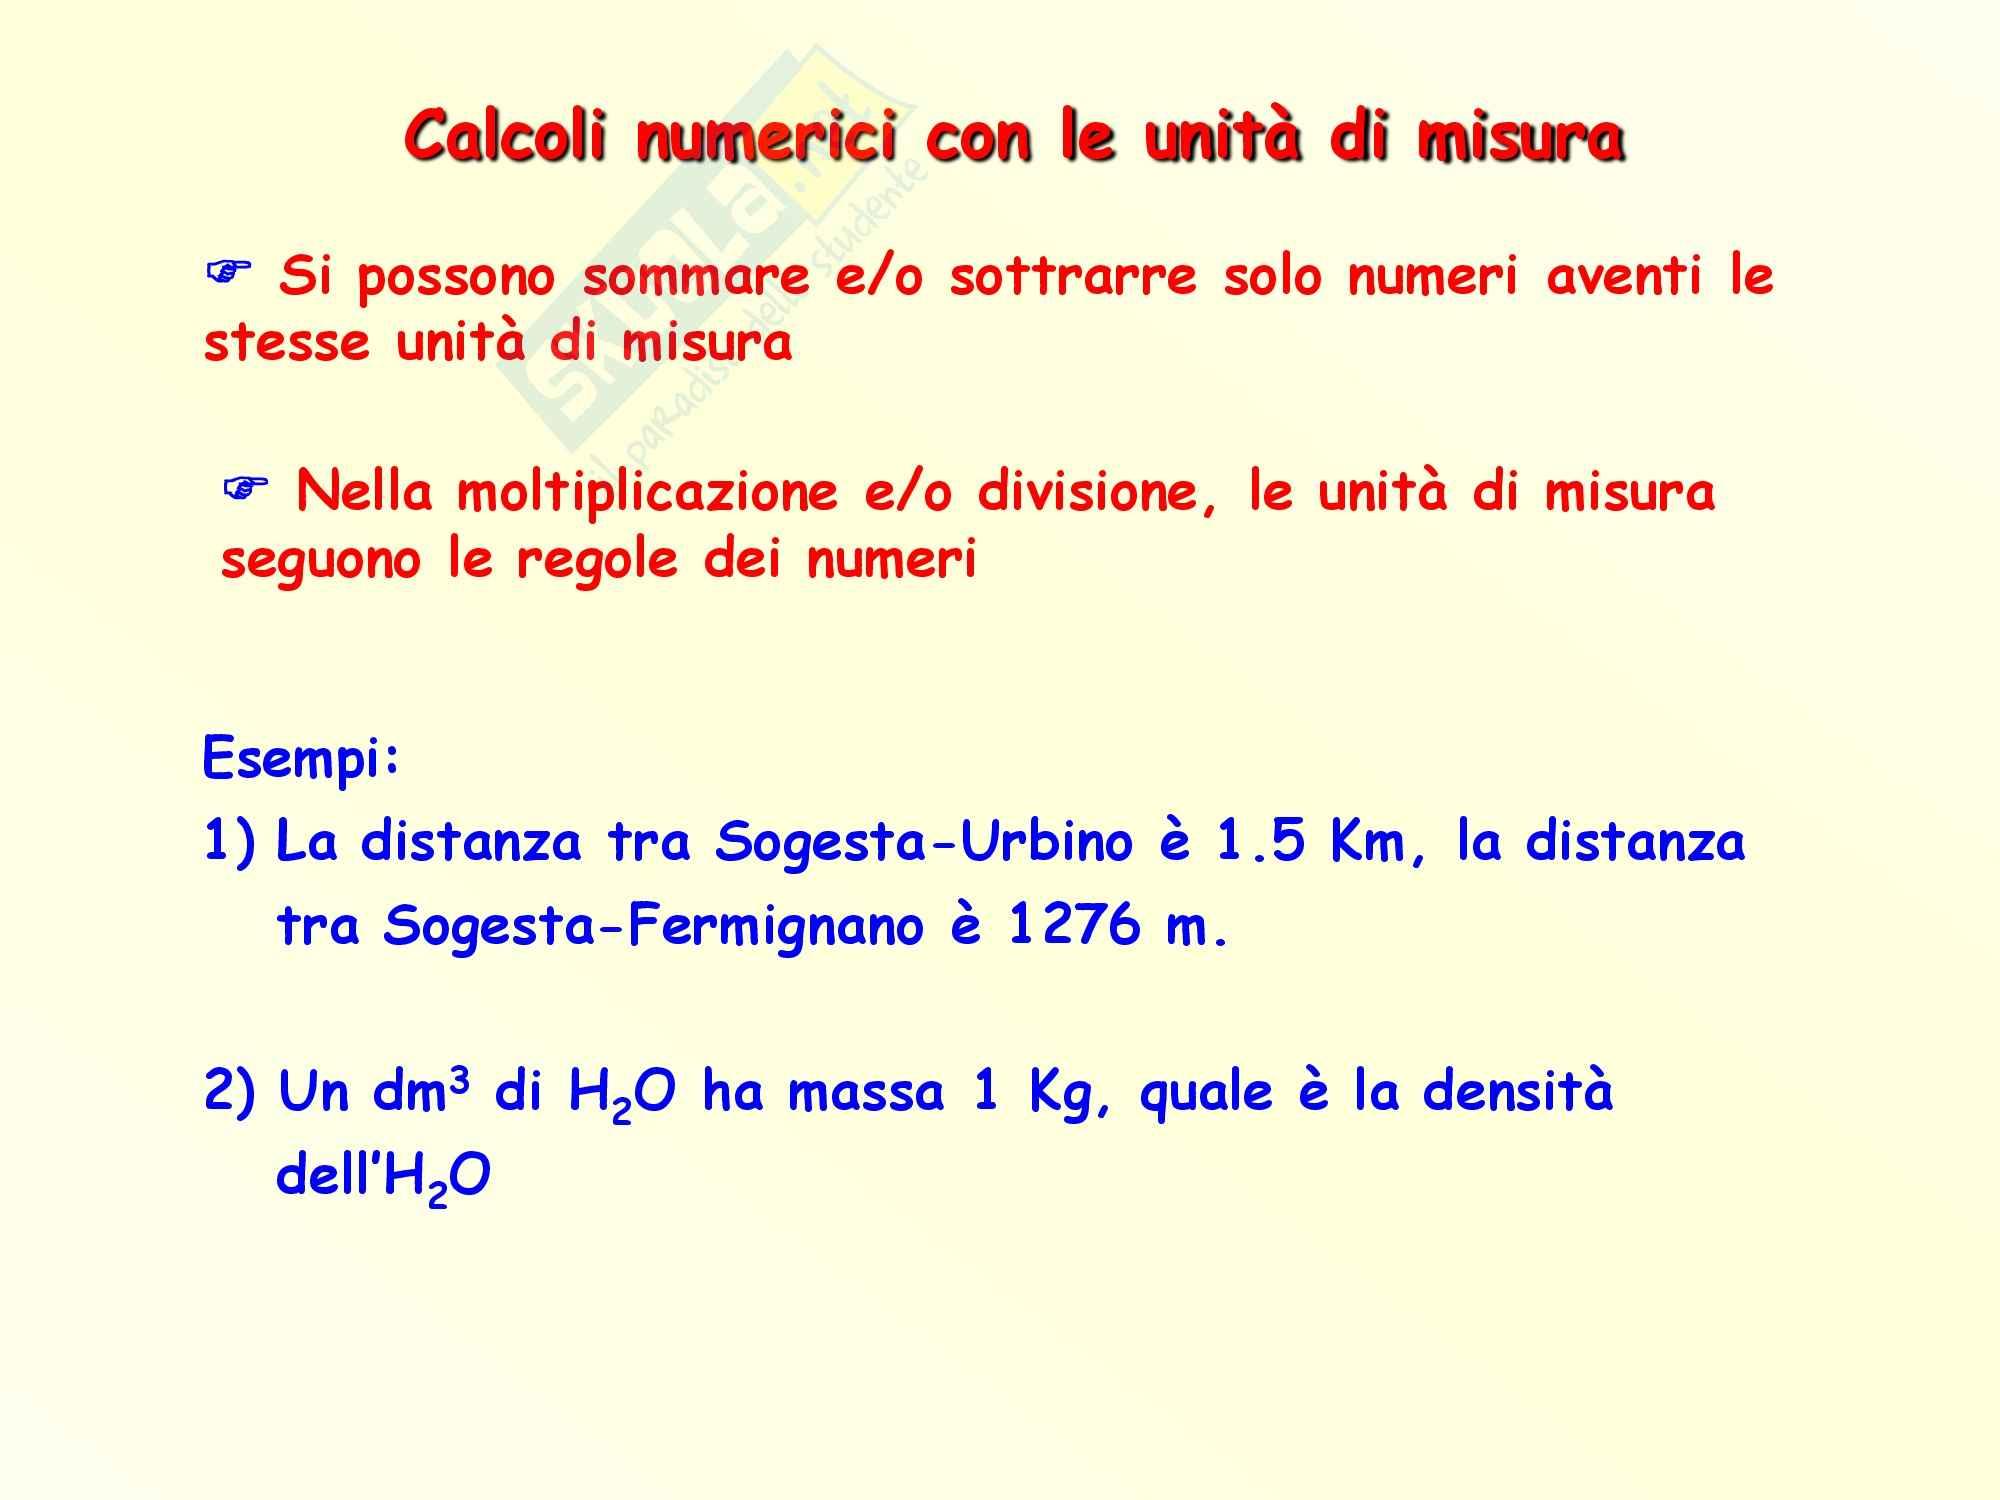 Chimica inorganica - calcoli numerici con le unità di misura